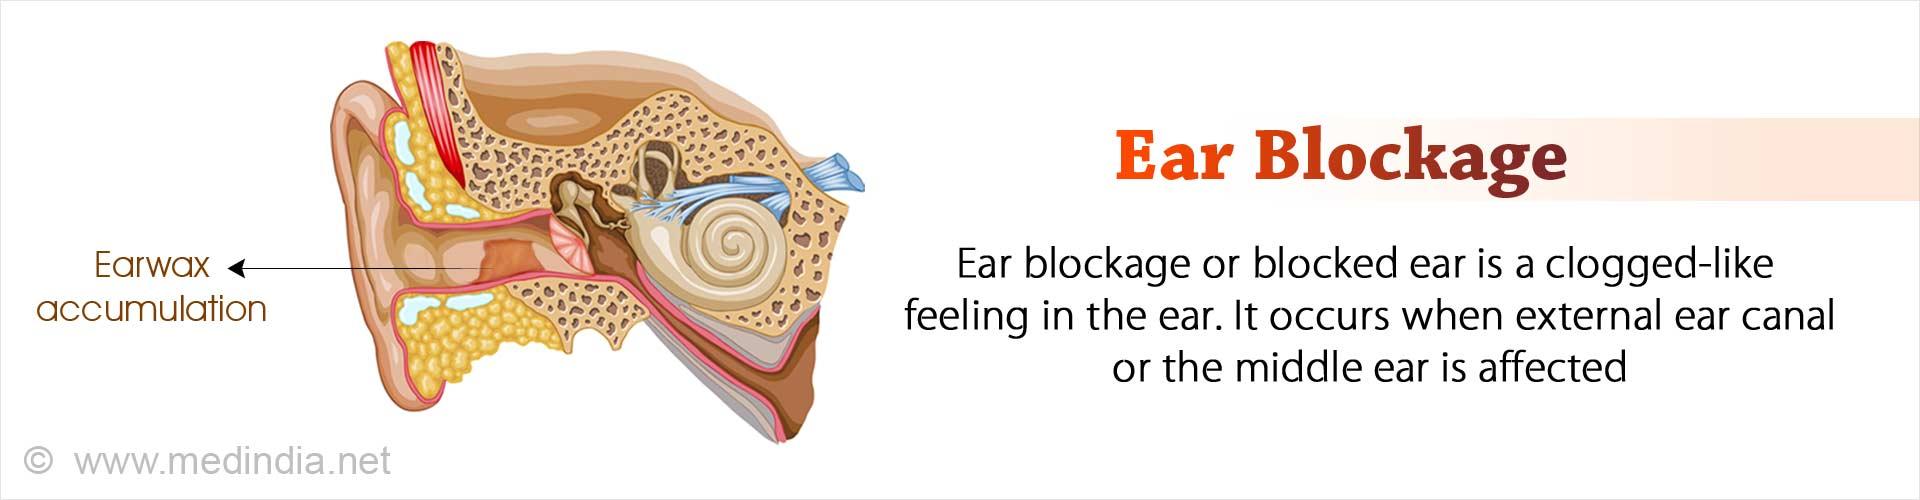 Ear Blockage / Wax Blockage